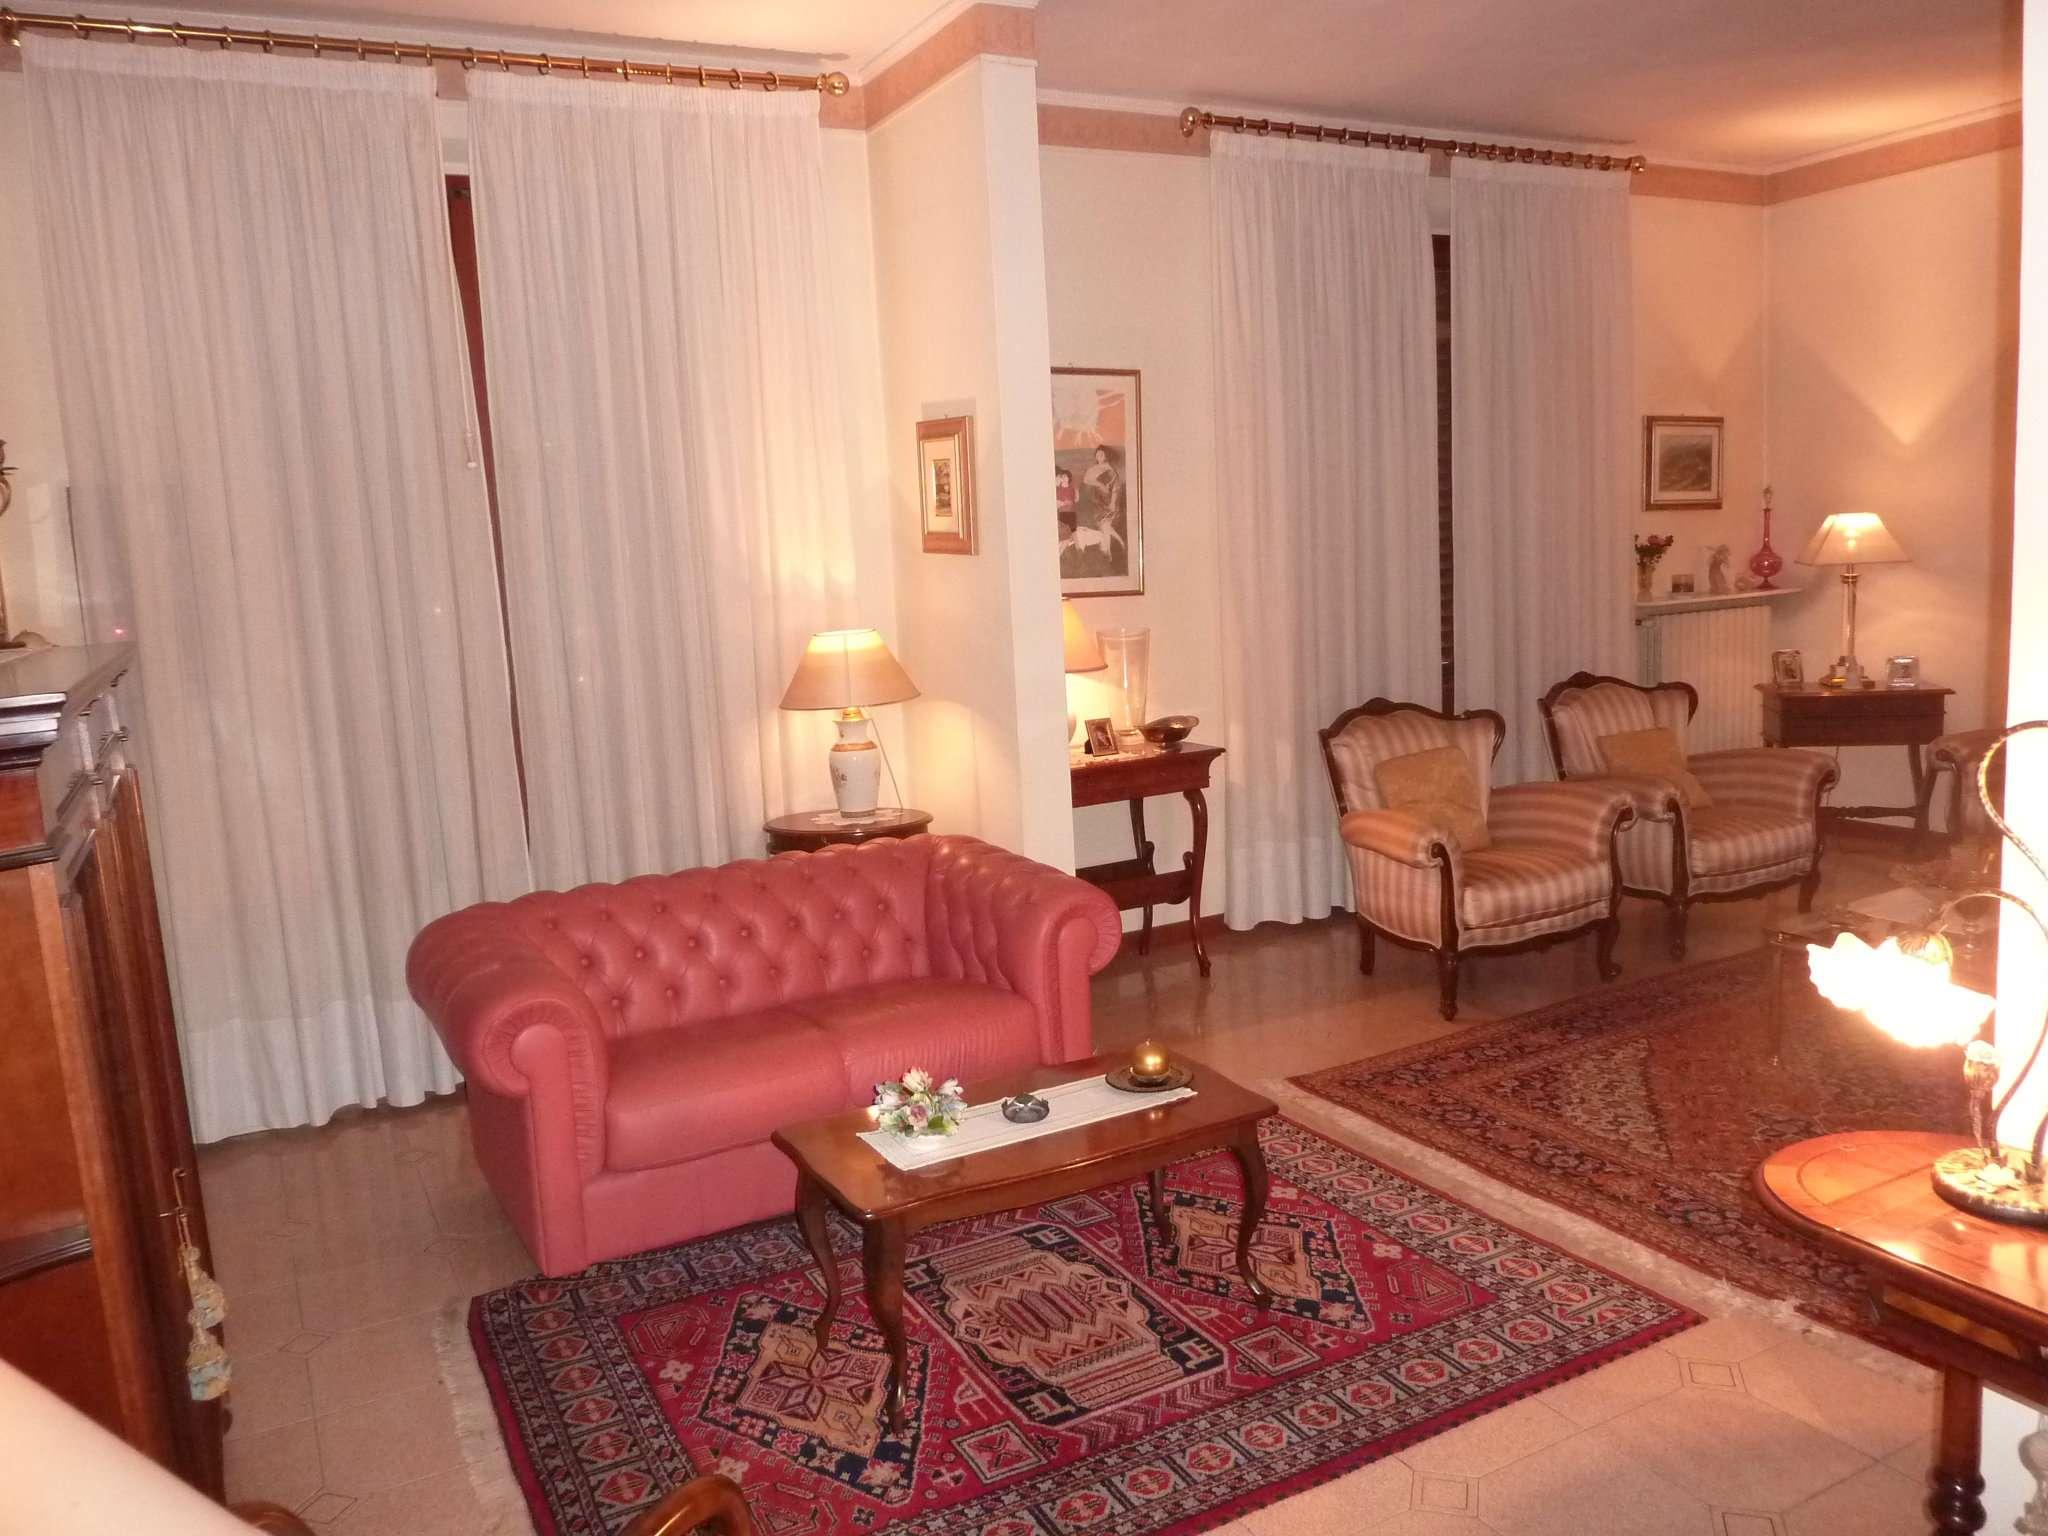 Palazzo / Stabile in vendita a Pistoia, 8 locali, prezzo € 460.000 | Cambio Casa.it